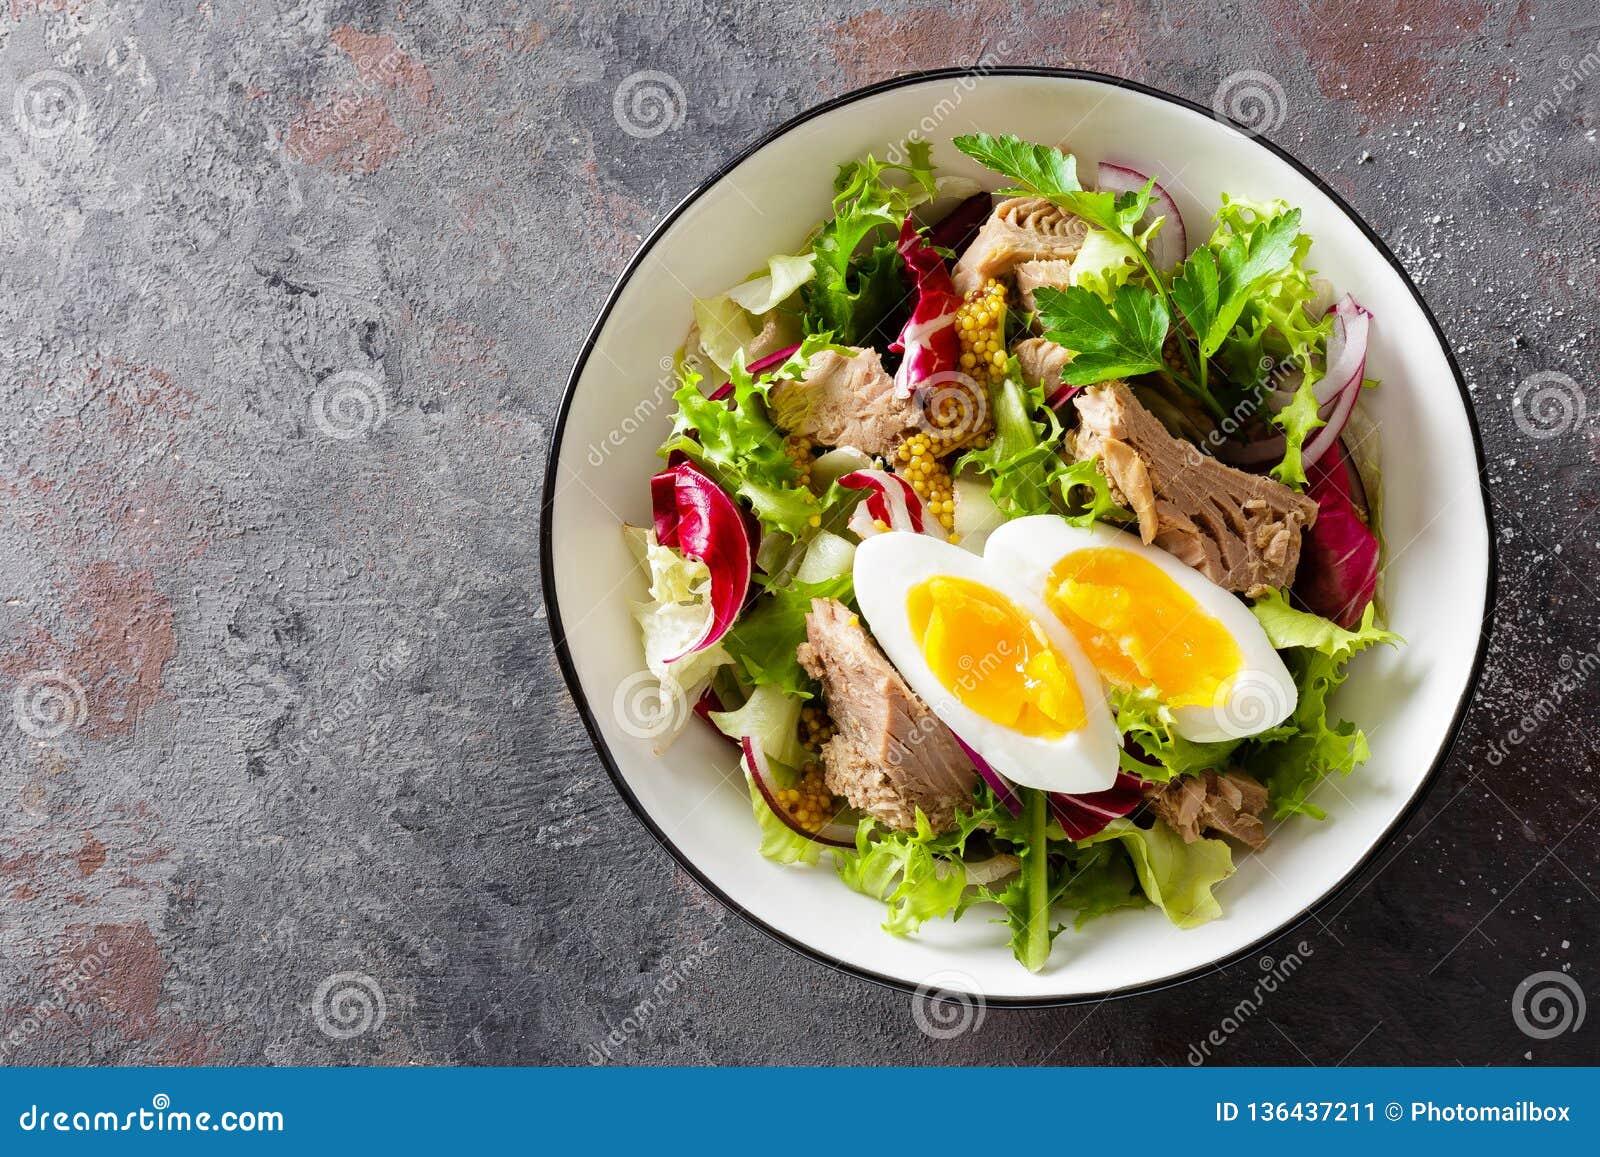 tuna and eggs mediterranean diet